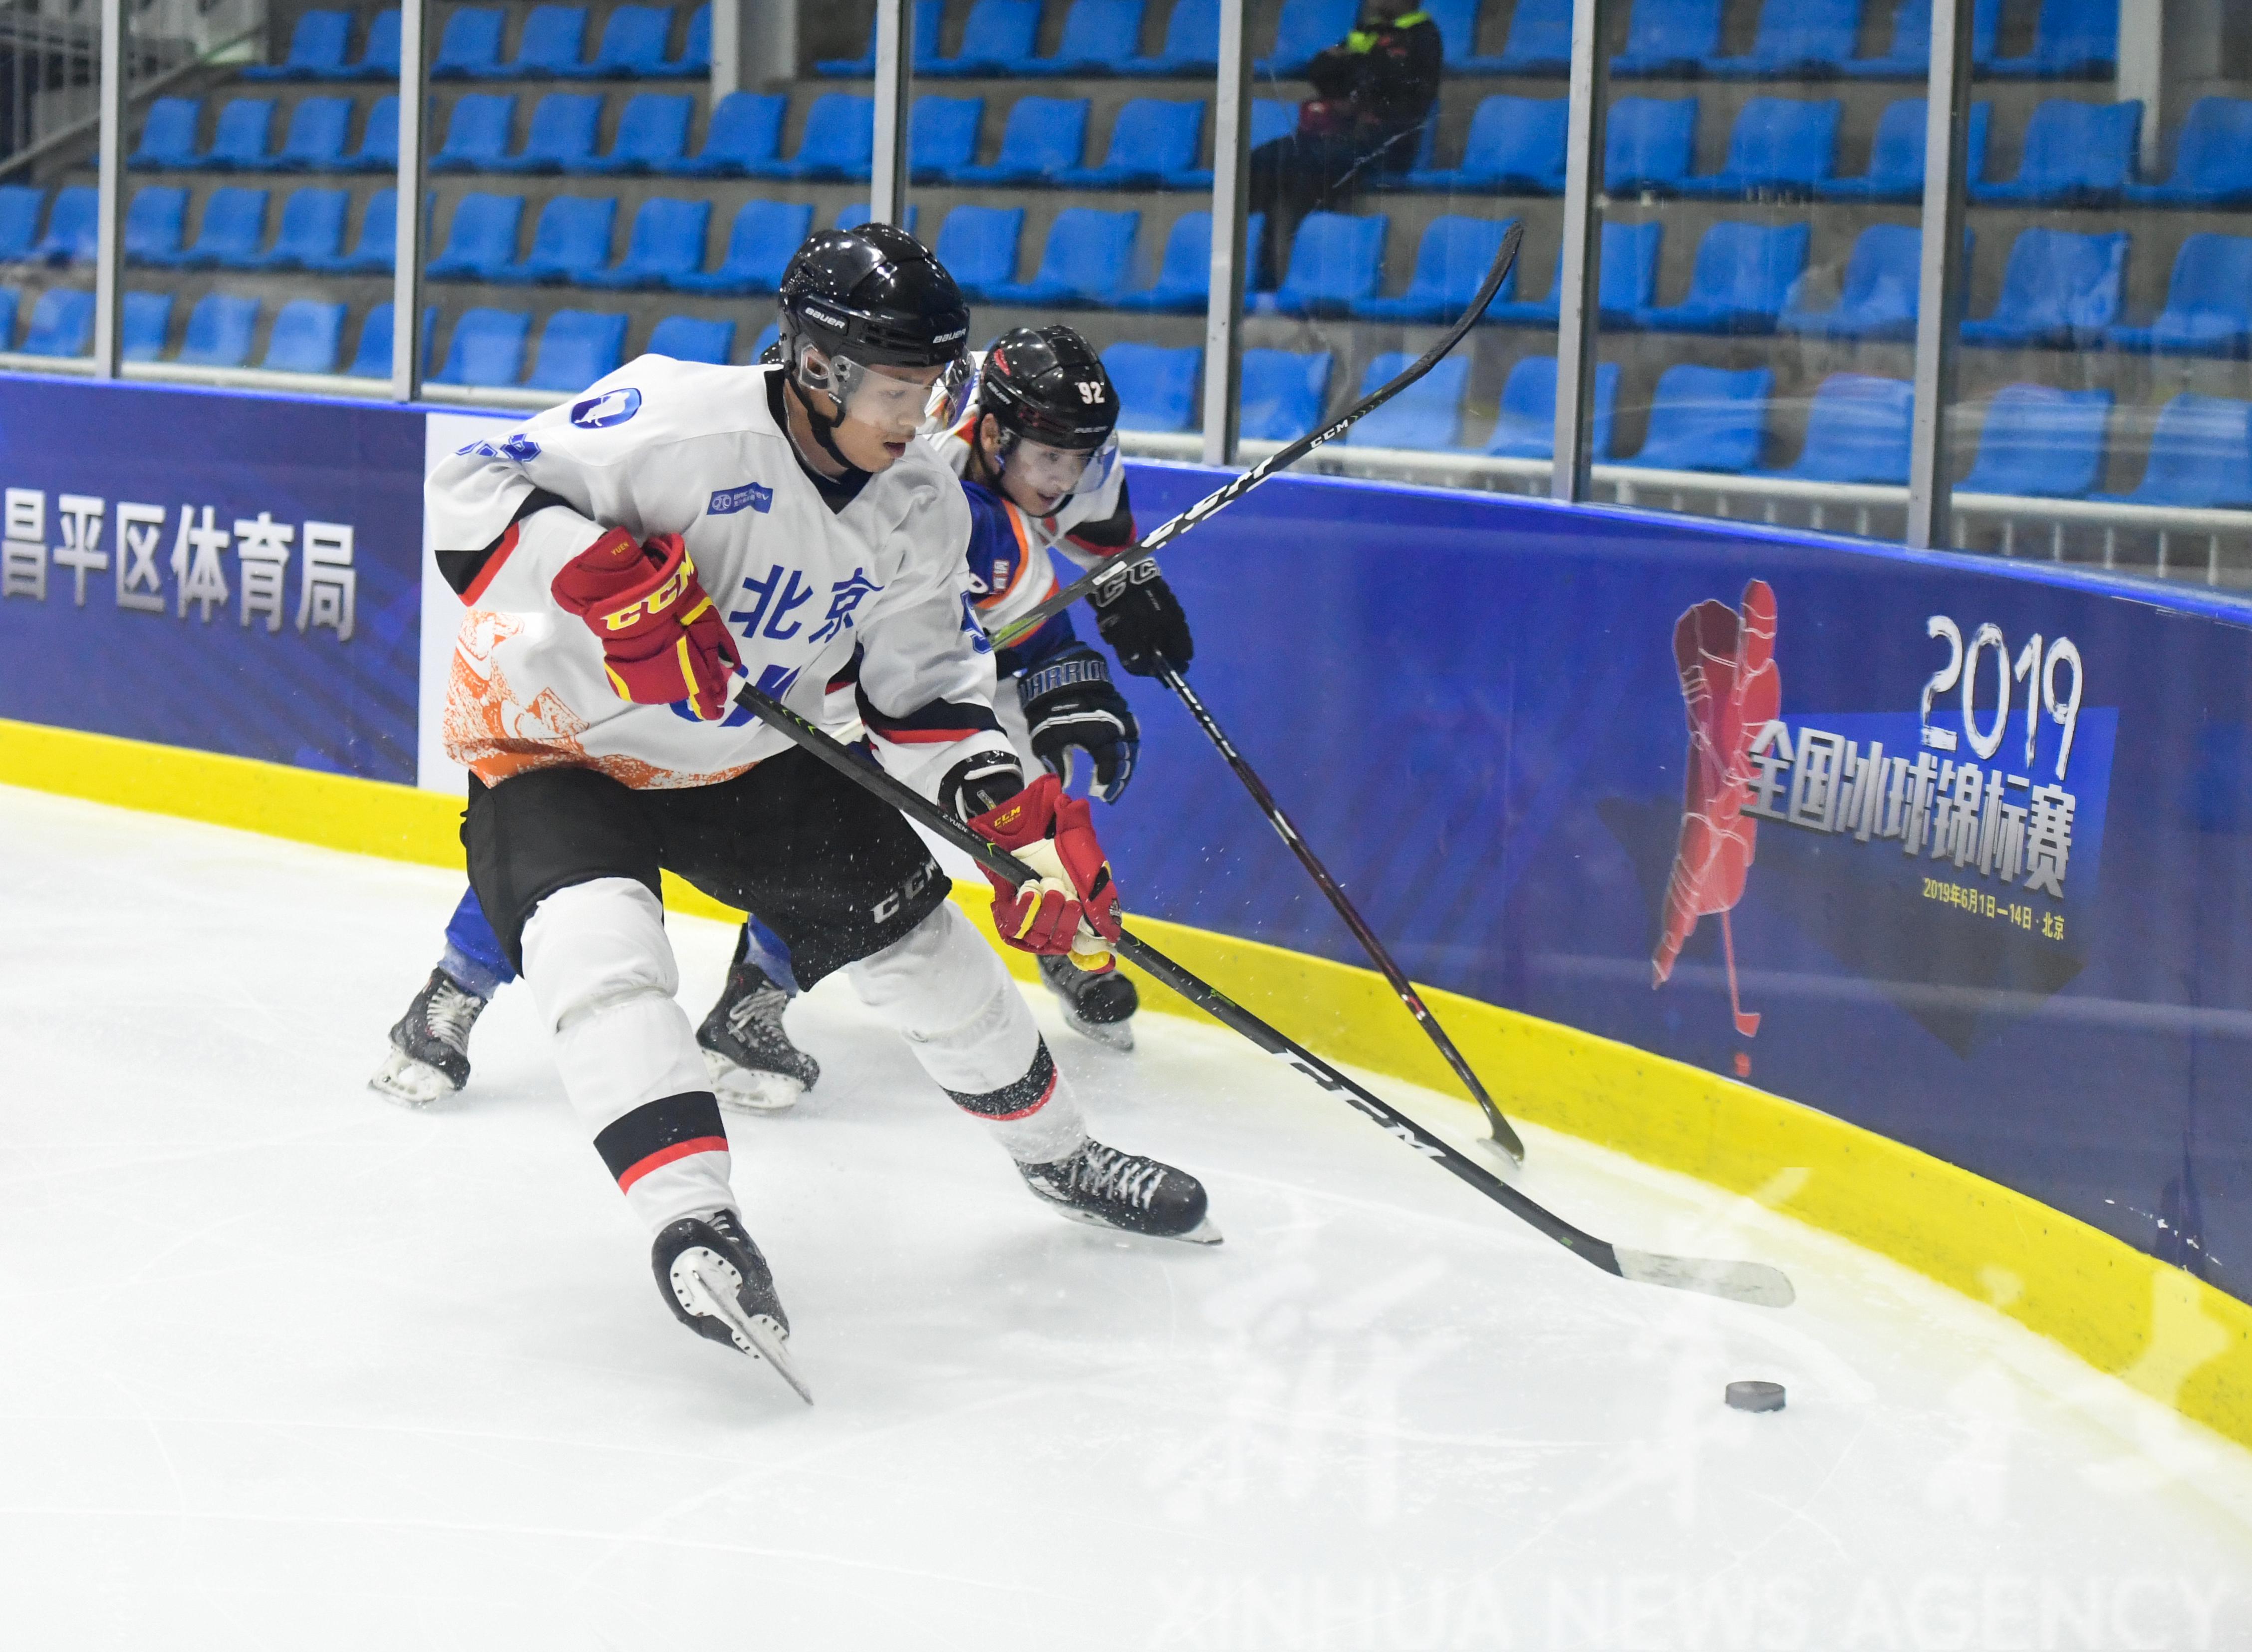 冰球——全国锦标赛:北京二队胜北京一队